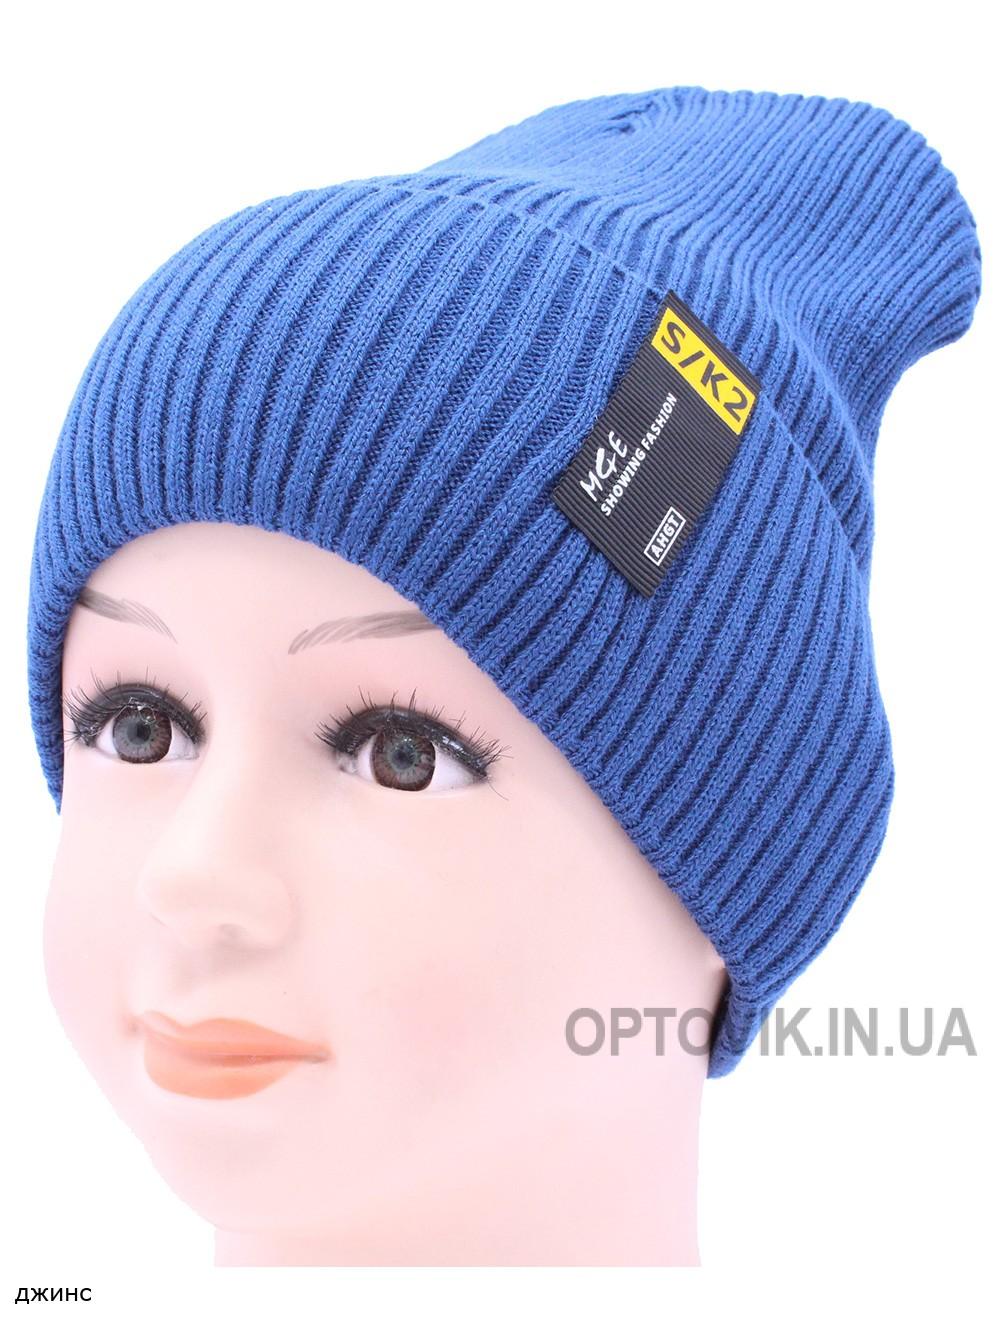 Детская вязаная шапка №031185-52-54